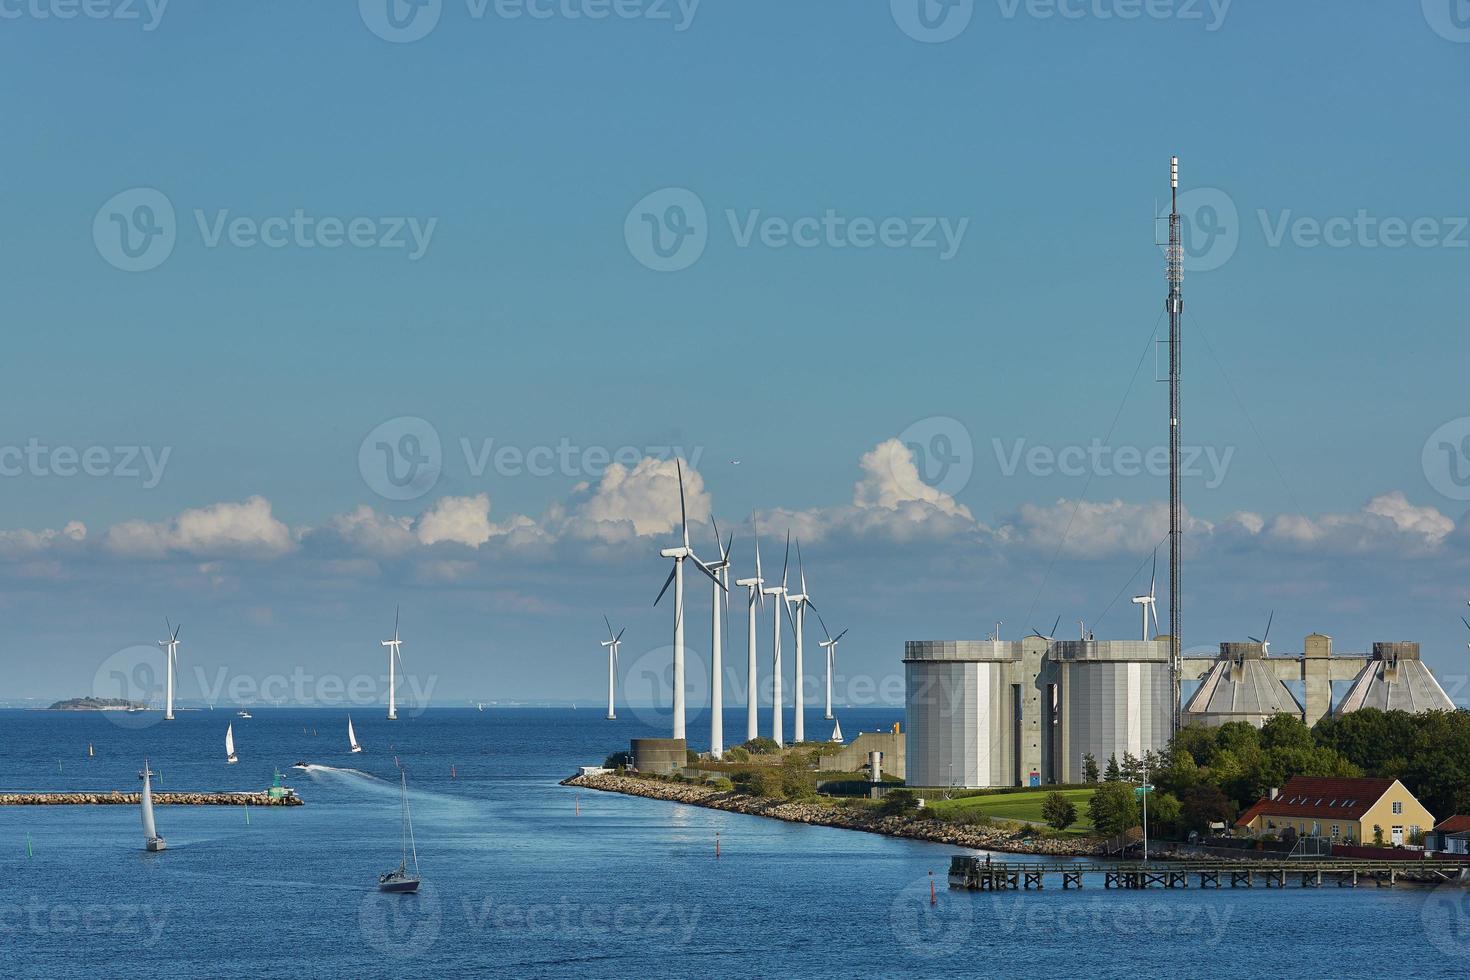 parque de turbinas eólicas offshore em copenhagen, dinamarca foto